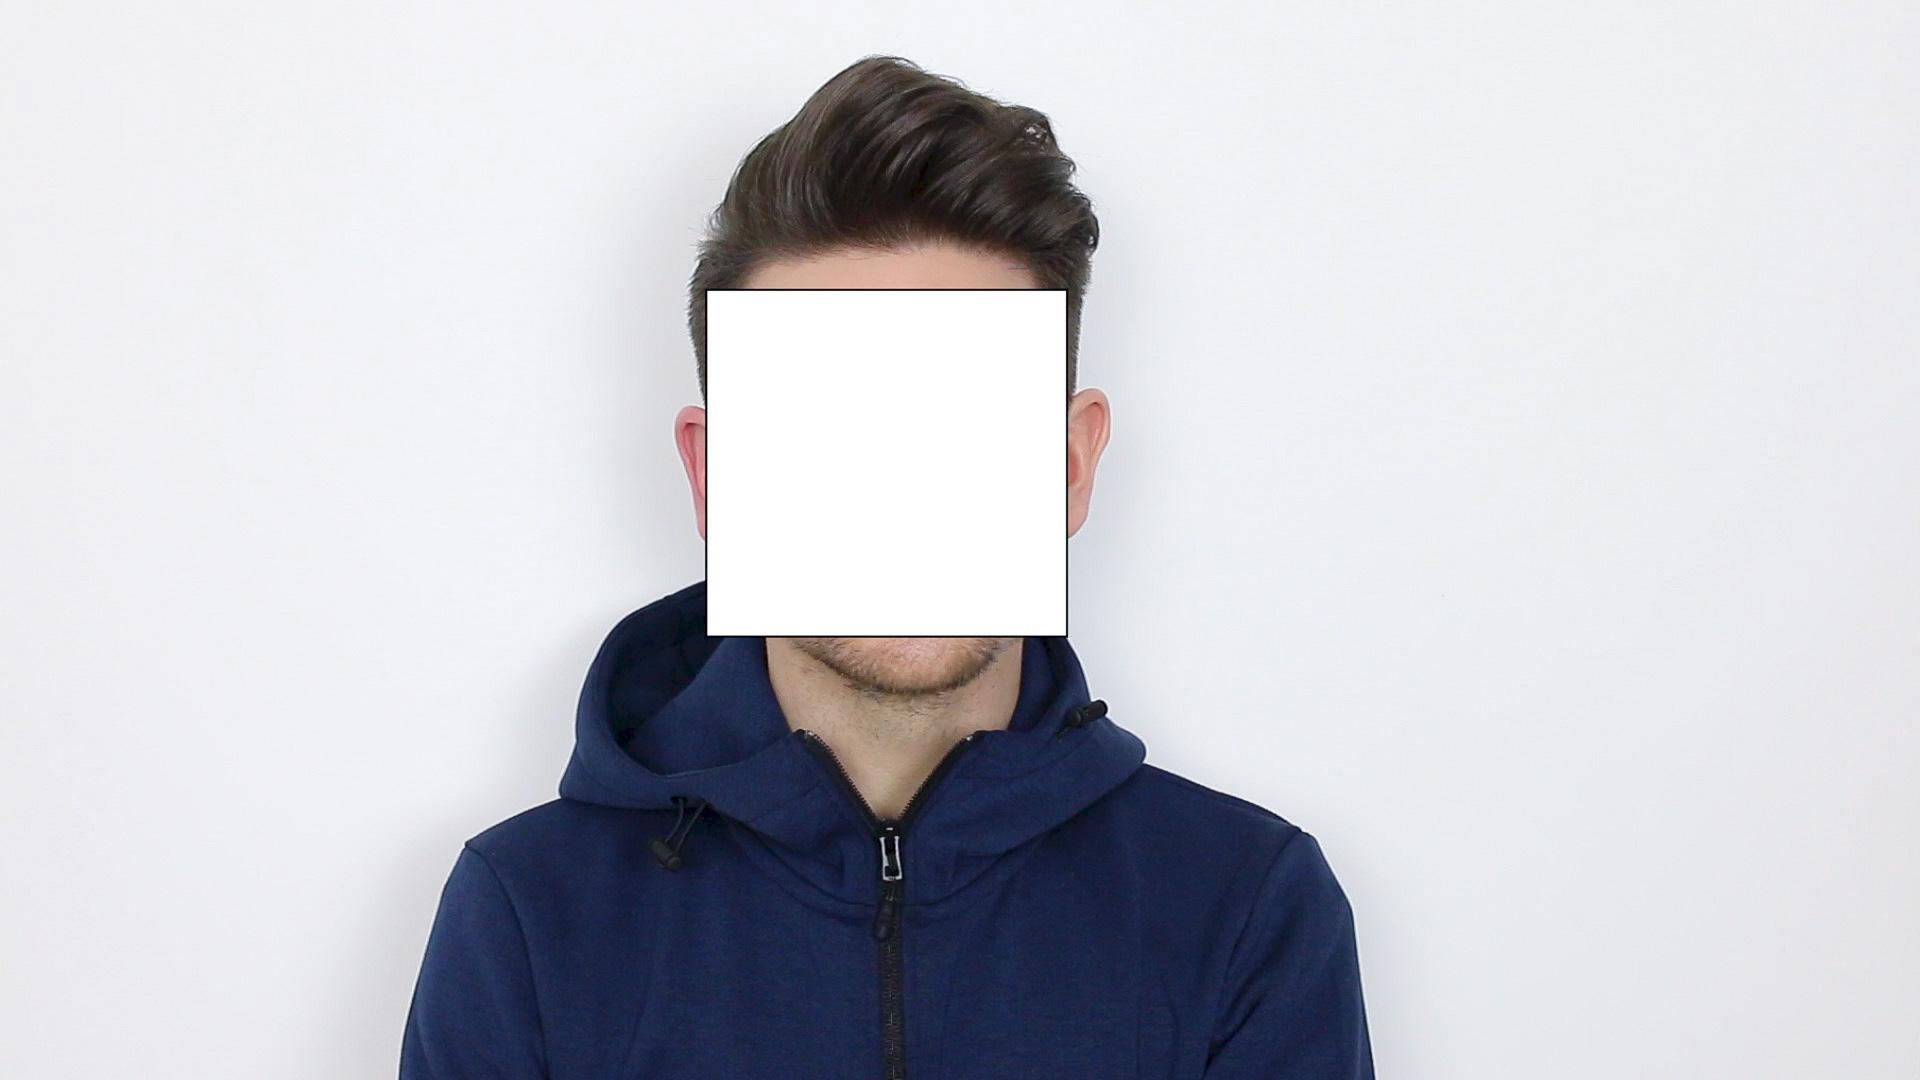 square-face-shape-glasses-men